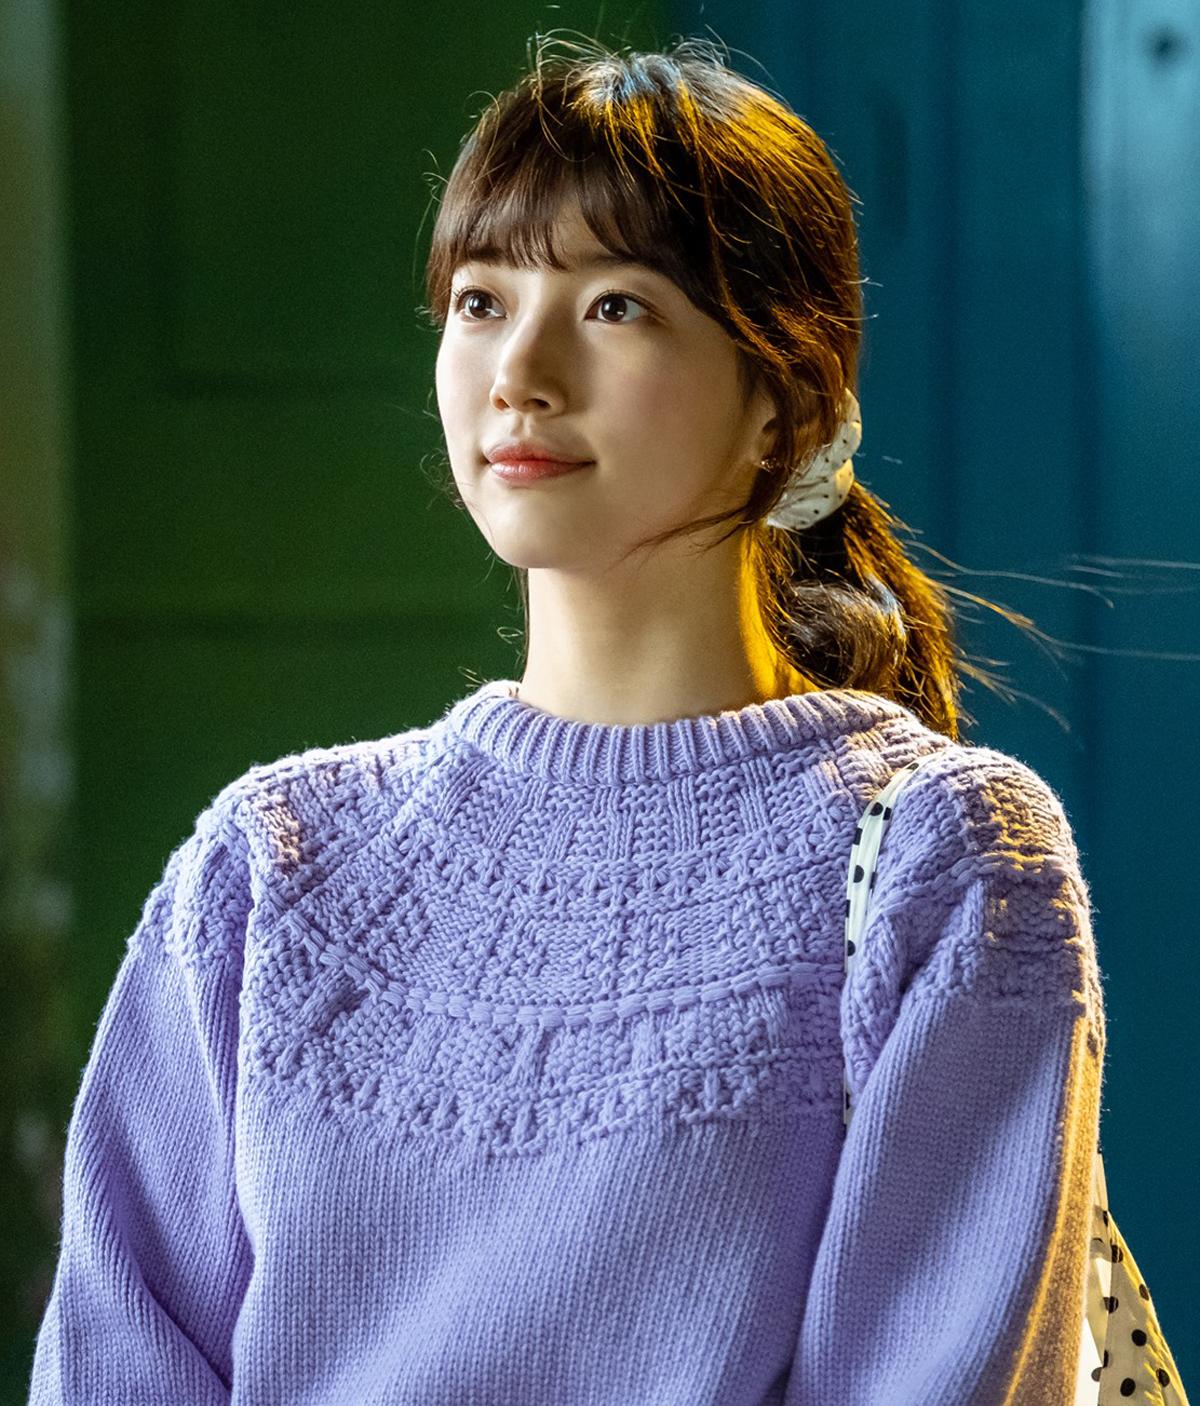 Với đôi môi ngoài đậm trong nhạt, Suzy có diện mạo cực tự nhiên. Nhiều phân cảnh, đôi môi của cô chỉ phơn phớt màu nên rất hợp với vẻ giản dị, đôi lúc hơi xuề xòa của một cô gái trẻ có gia cảnh không giàu có.